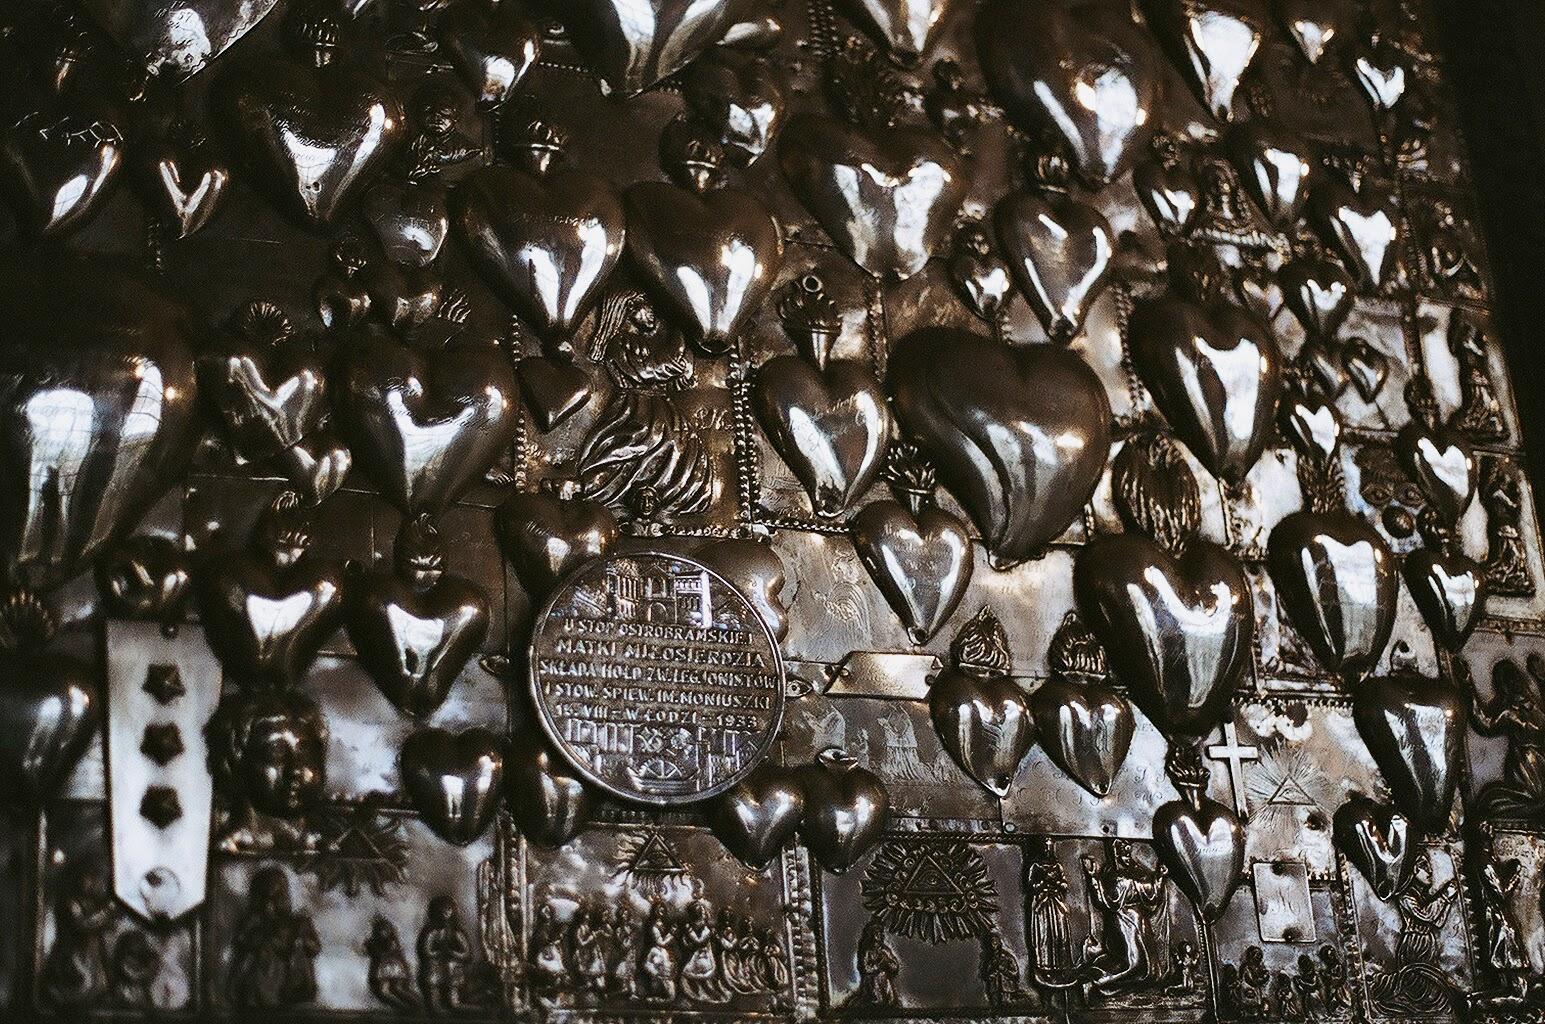 Стена рядом с иконой Матери Божией Остробрамской